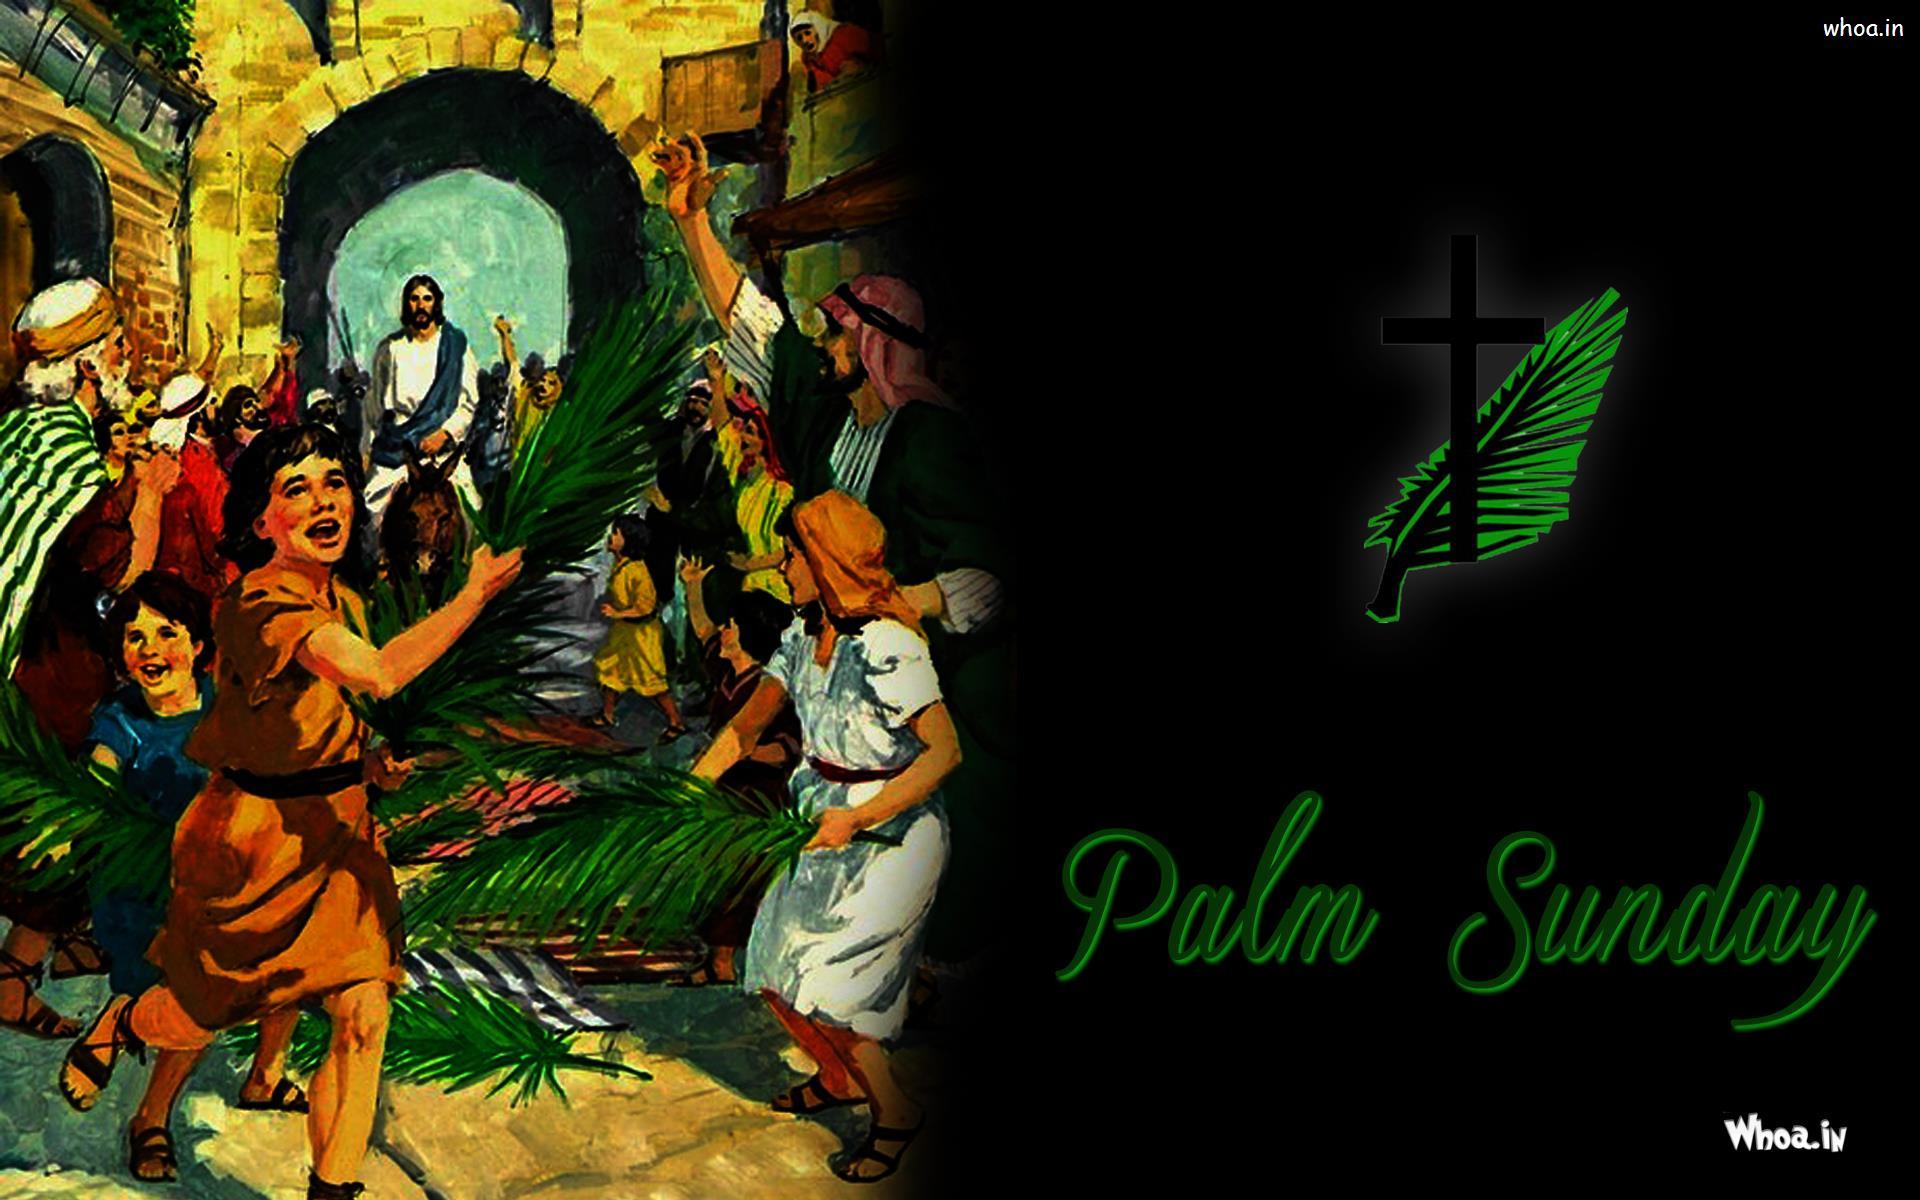 Palm Sunday Dark Background Wallpaper